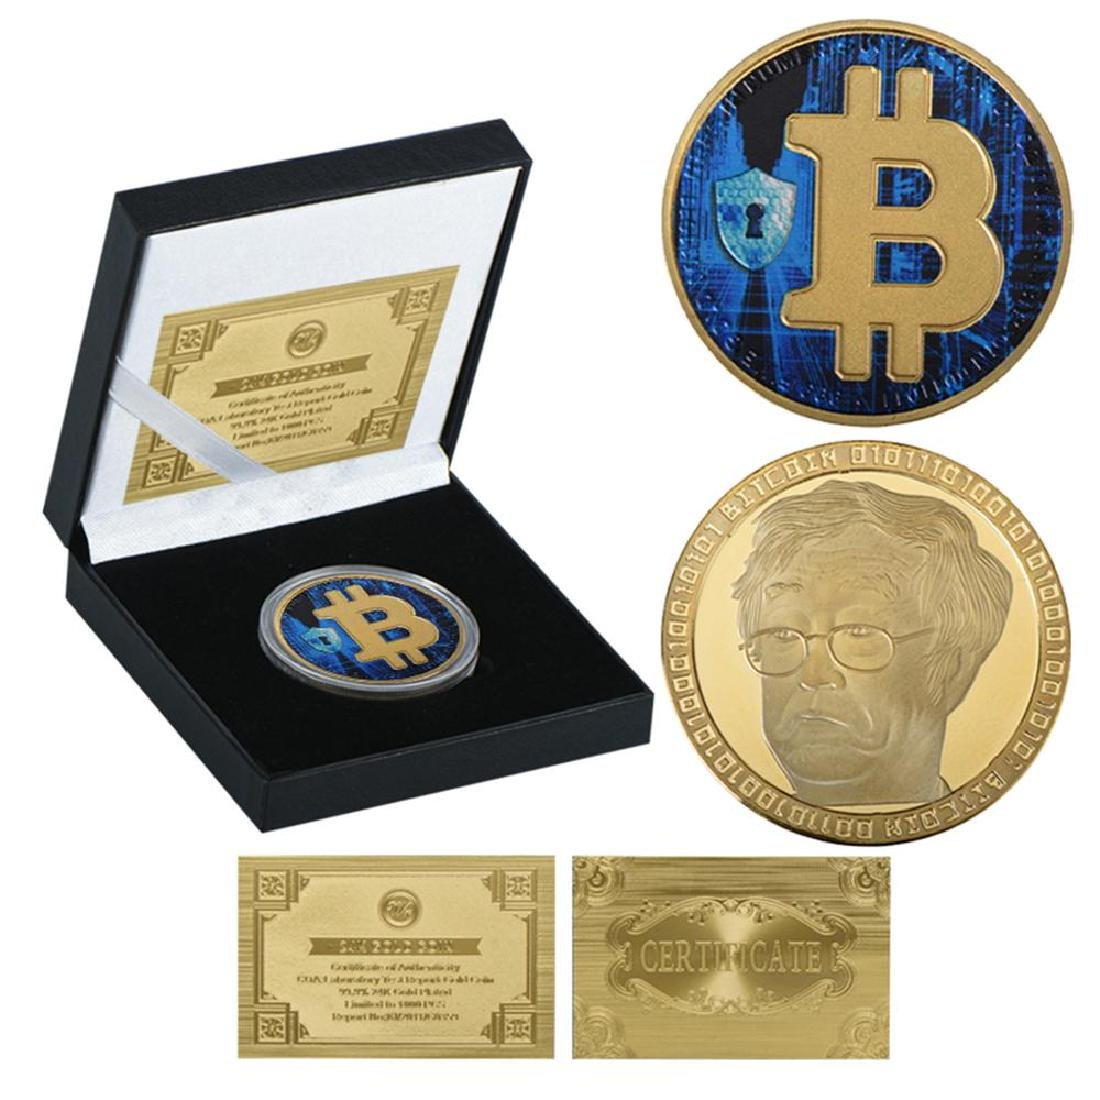 Bitcoin Blue Gold Clad Crypto Coin with COA